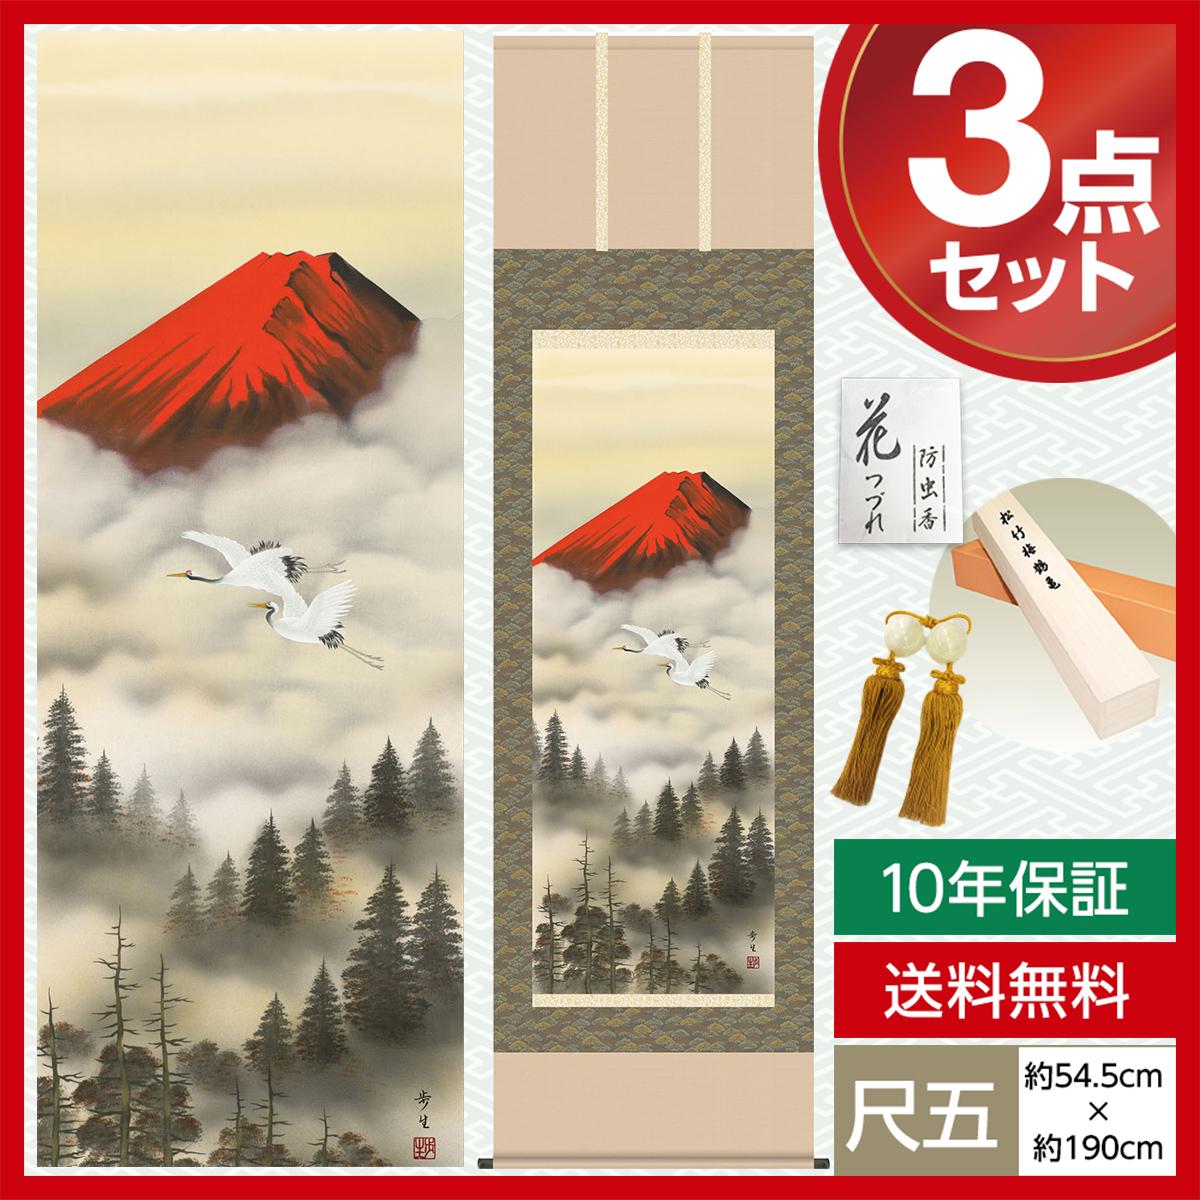 尺五 山水画掛軸 富士山水 赤富士双鶴 北山 歩生 三美会 掛軸幅:54.5cm×高さ:約190cm 正絹二丁本表装 表装品質10年間保証 掛け軸